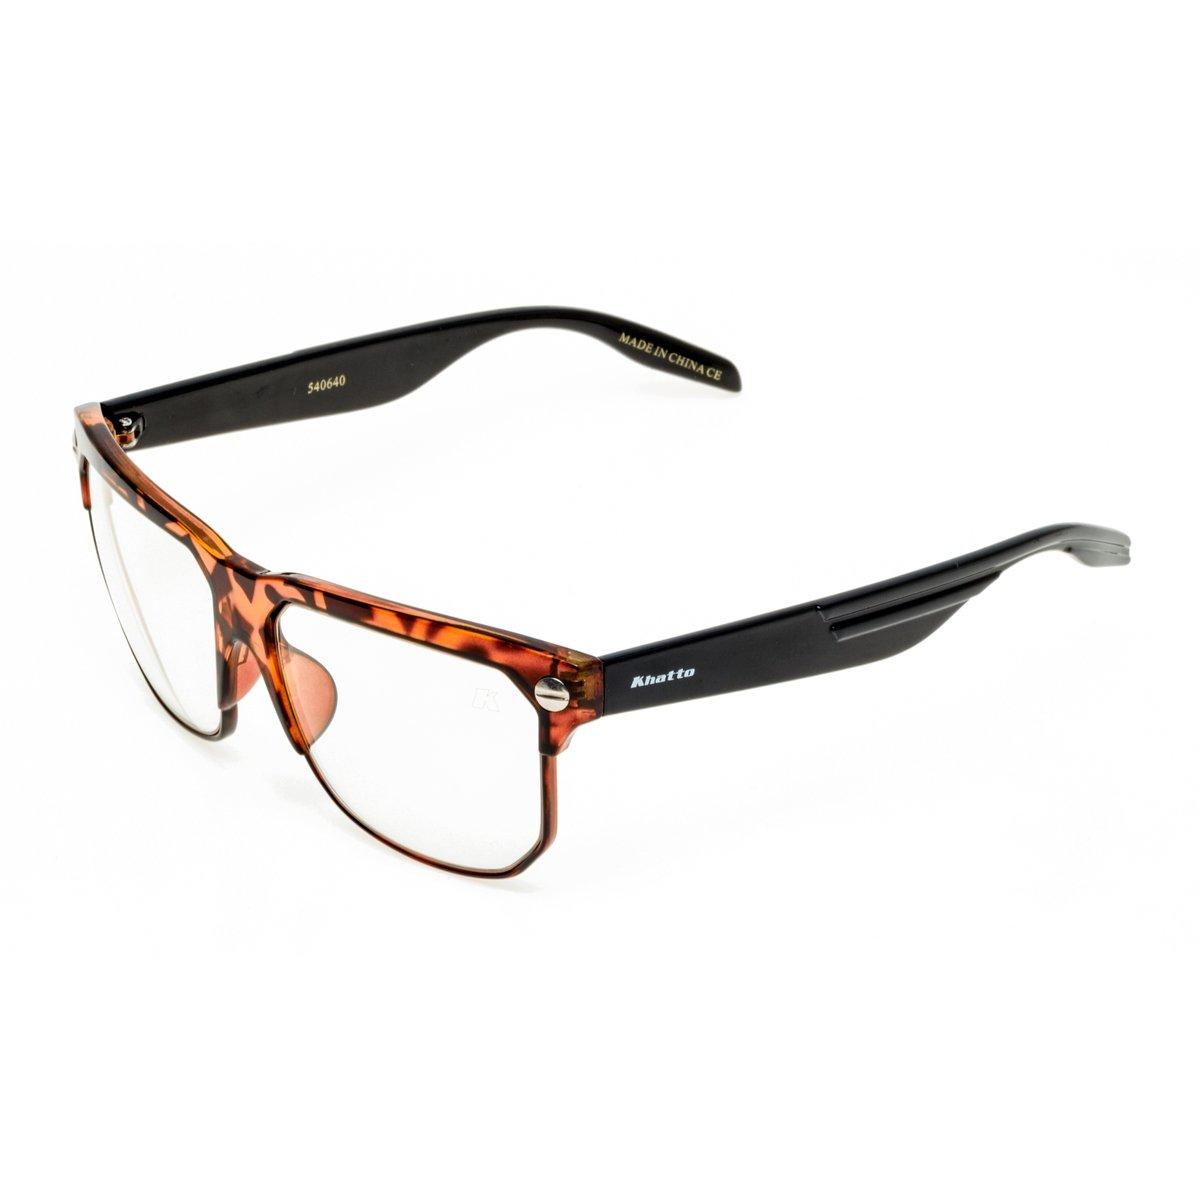 Óculos de Sol Khatto KT540640 - Compre Agora   Netshoes 3a739a2338